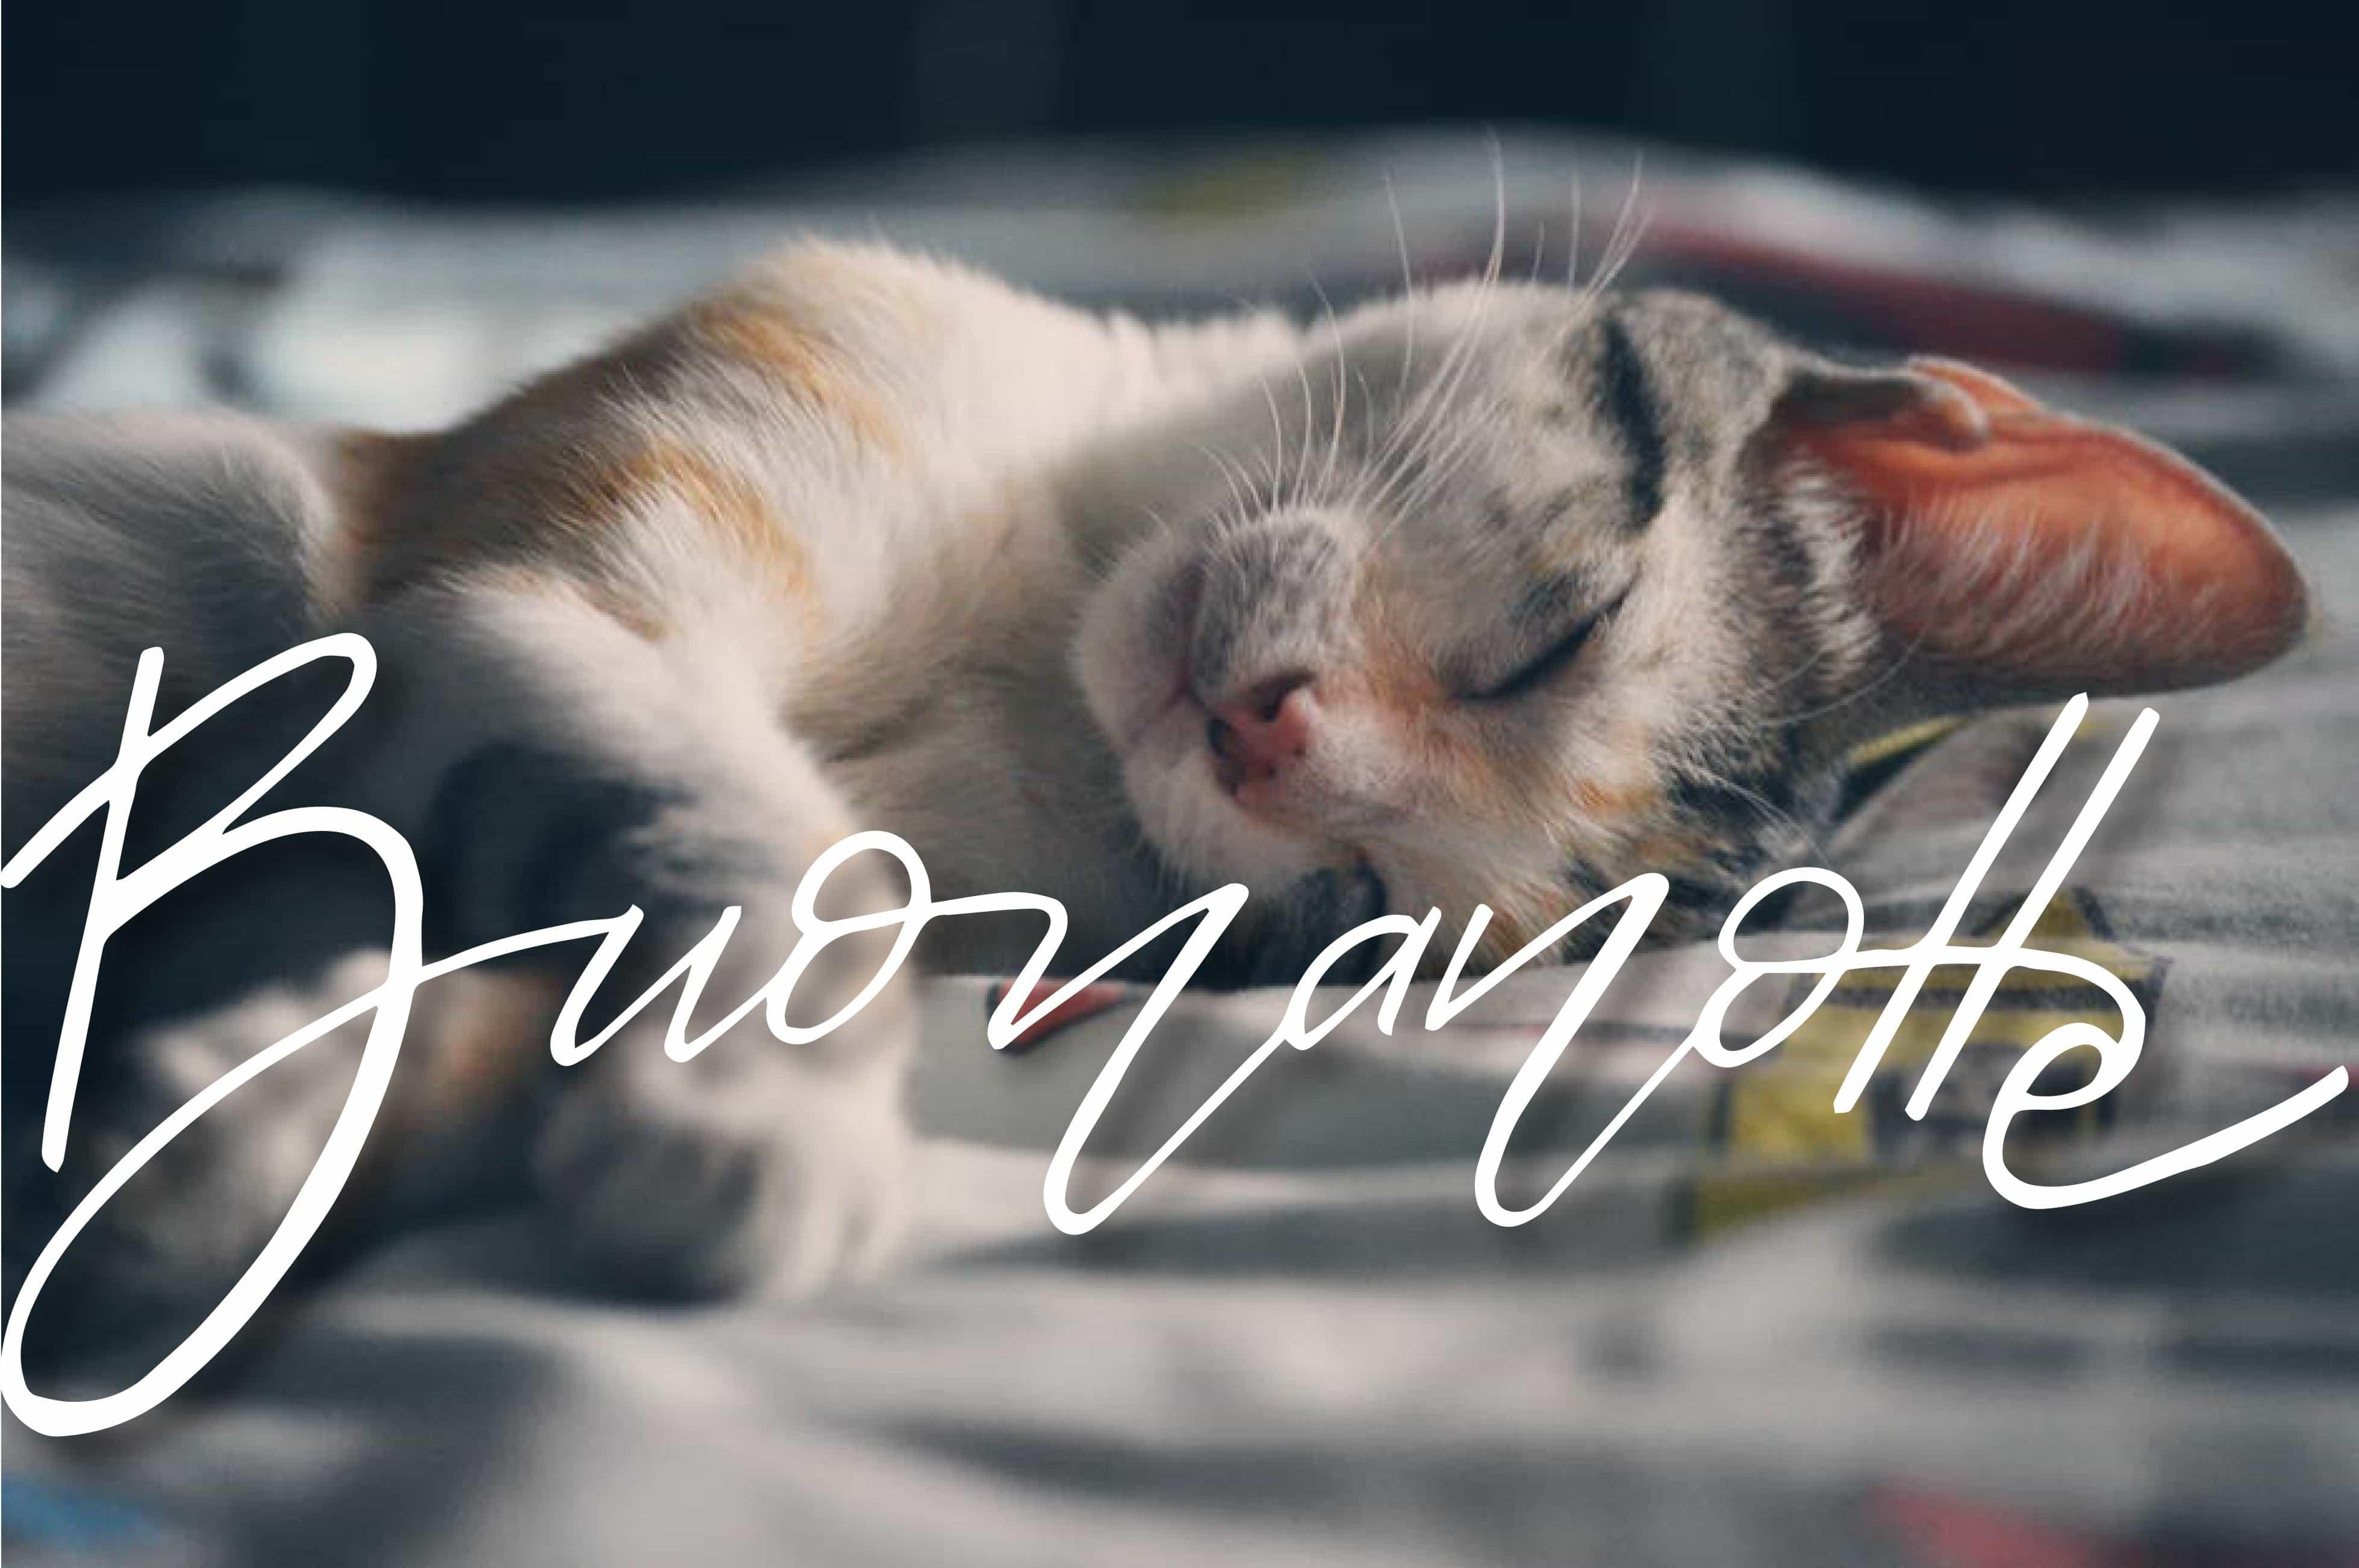 Immagini gratis della buonanotte  foto №7